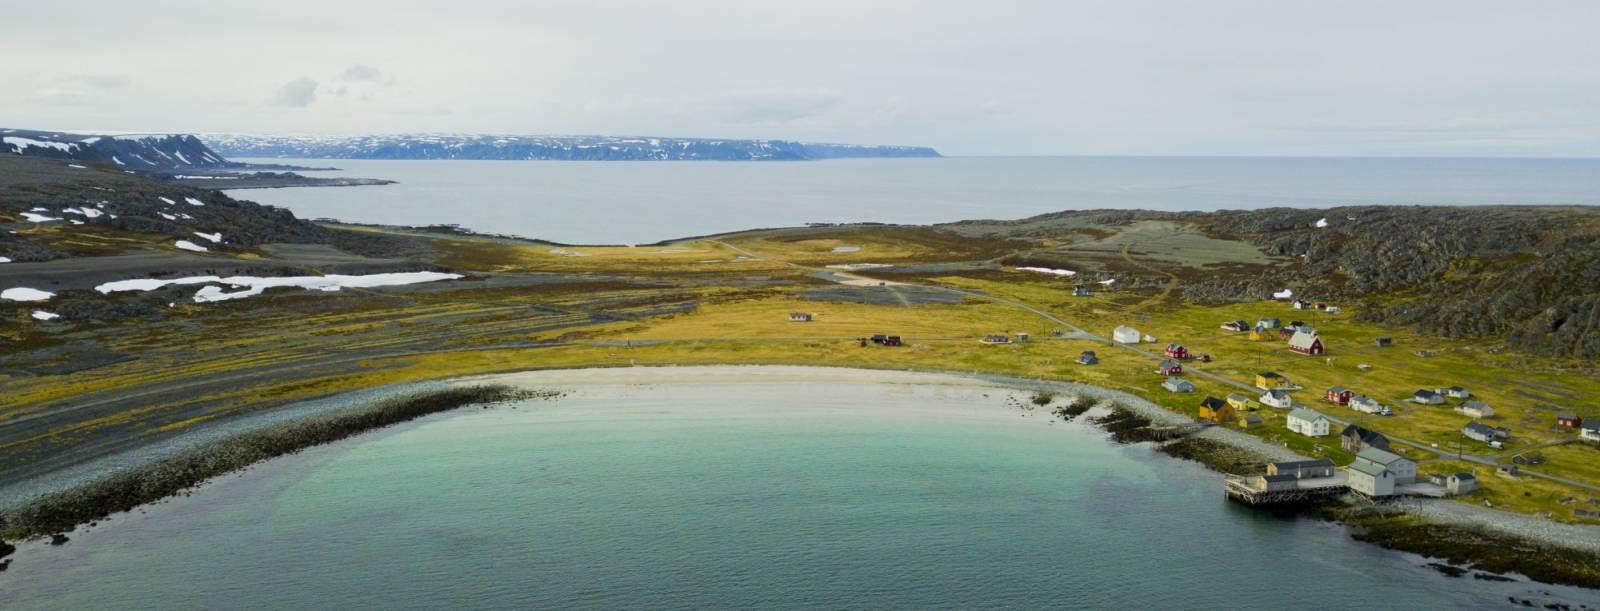 Dronefoto av Hamningberg. Foto: John Henrik Guttorm (Ikke gjenbruk)